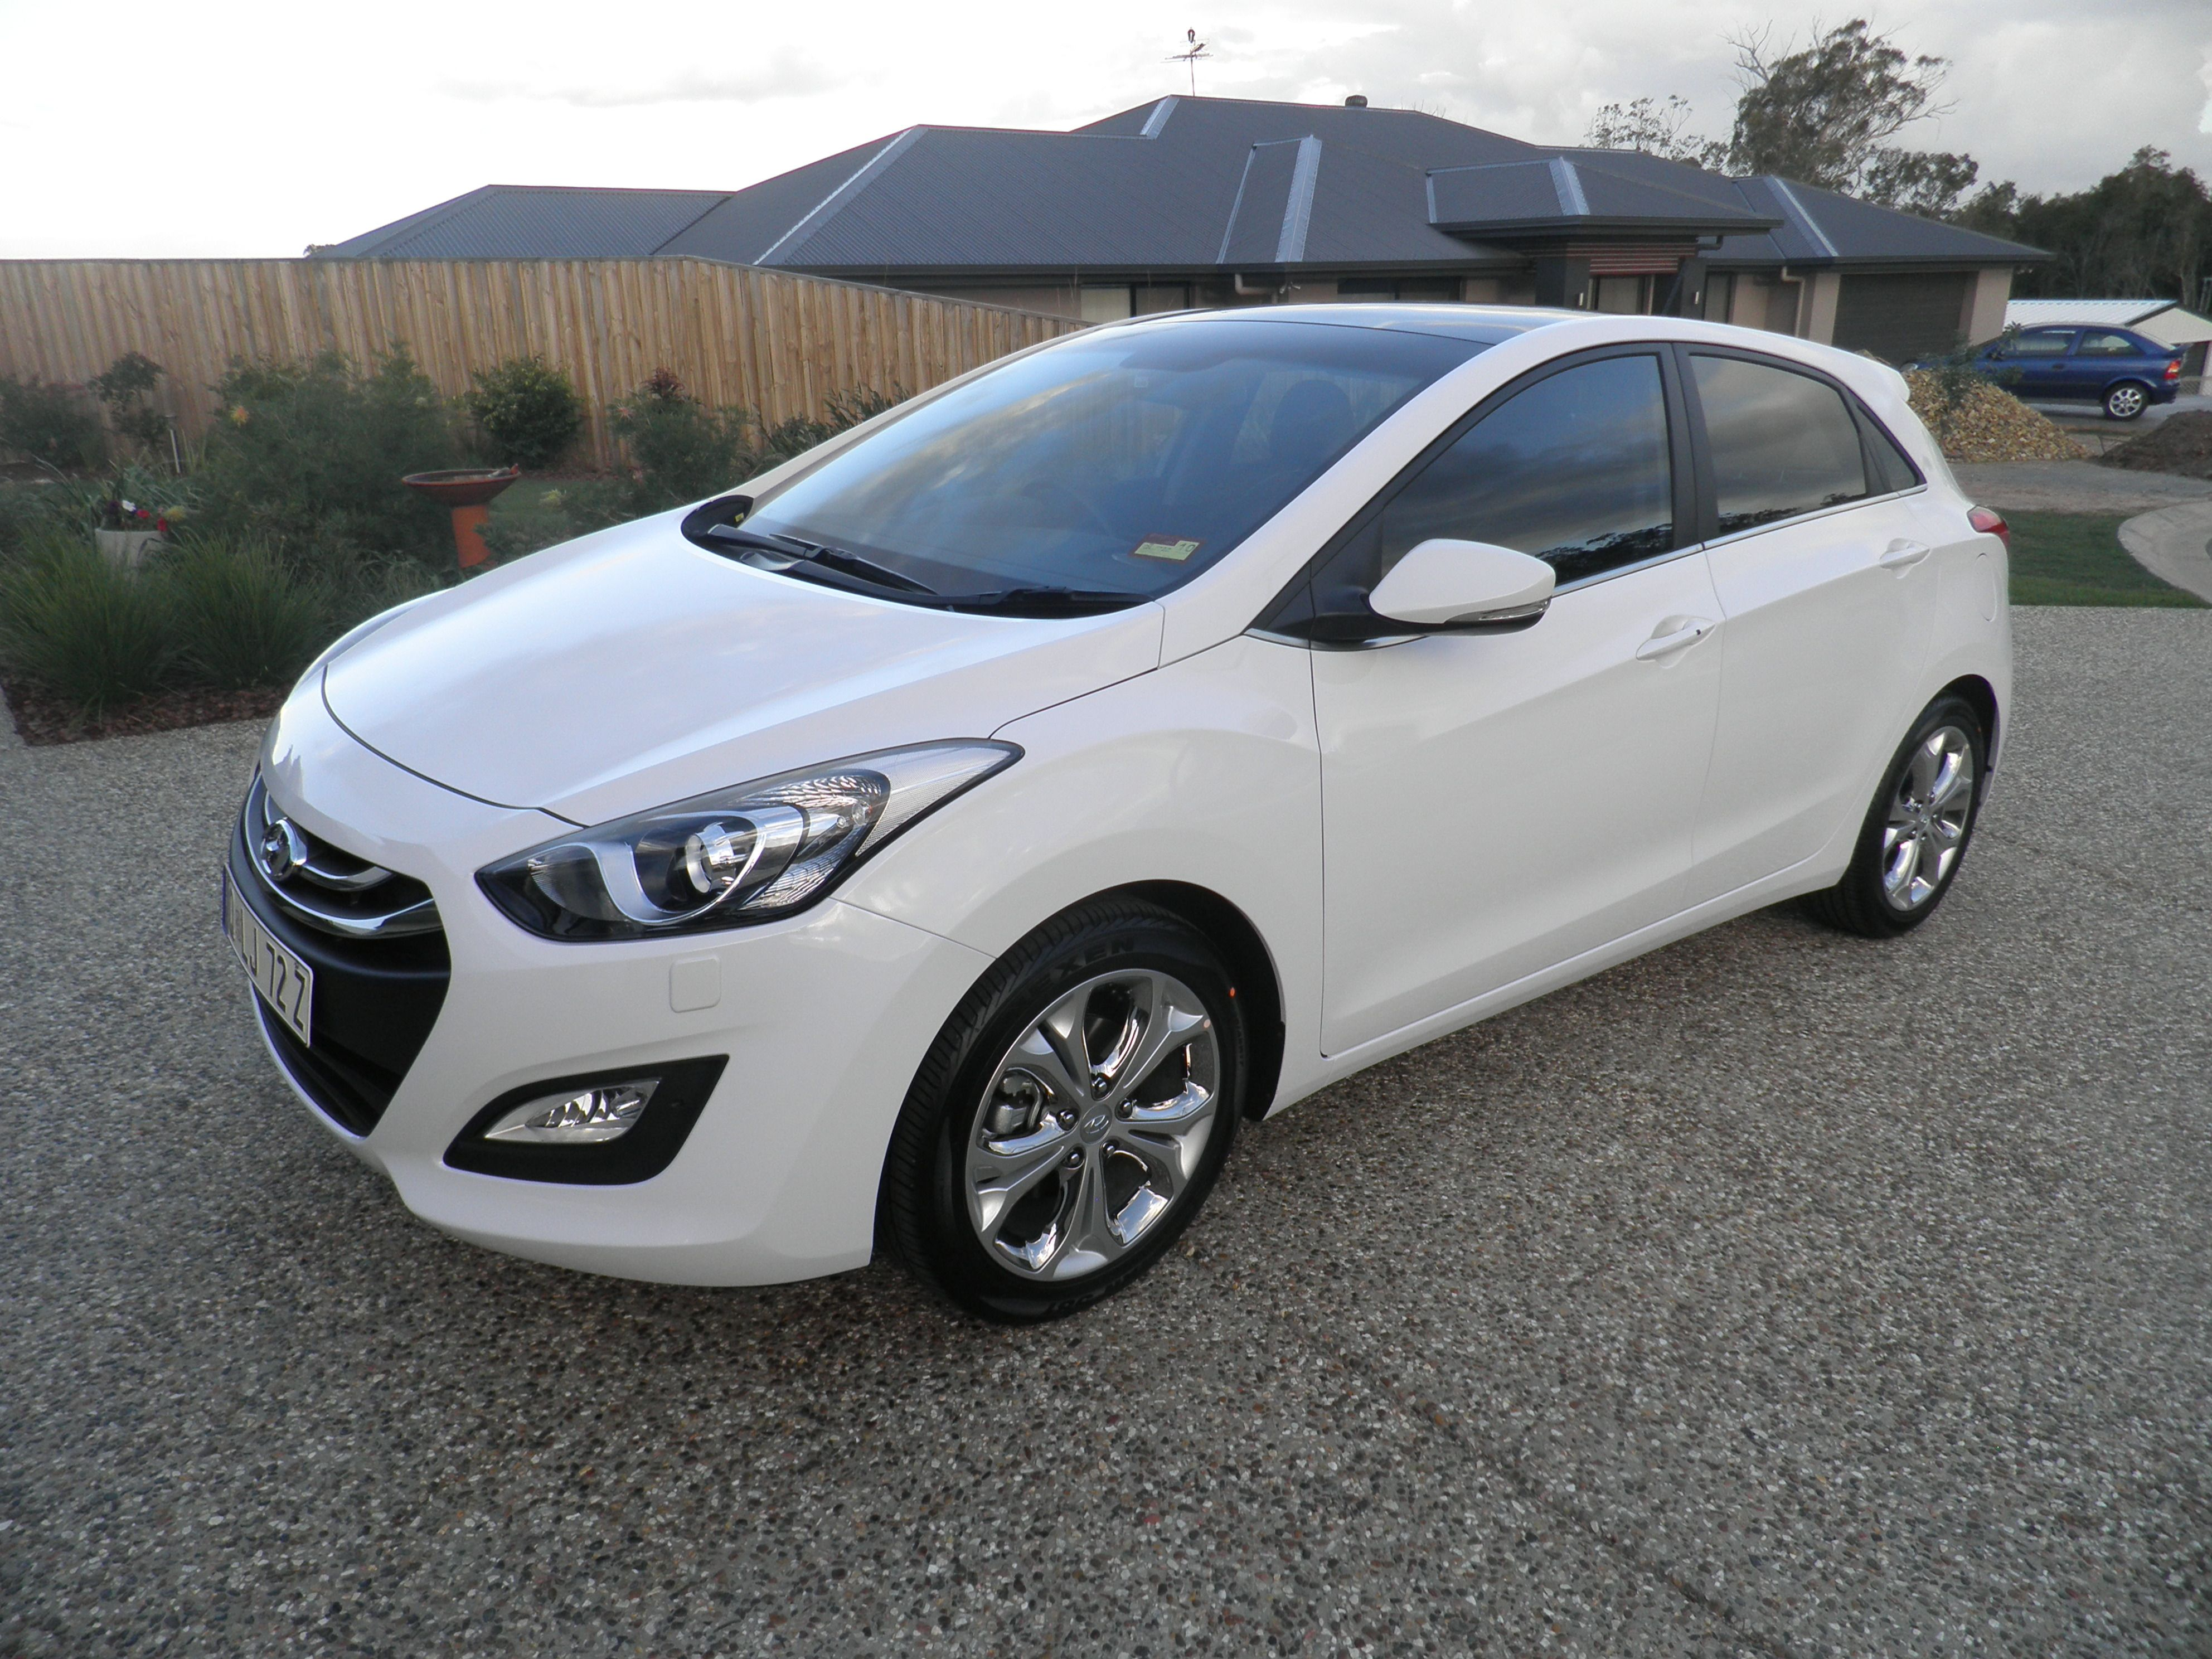 Hyundai Creamy White Auto I30 Premium 13 May 2014 We